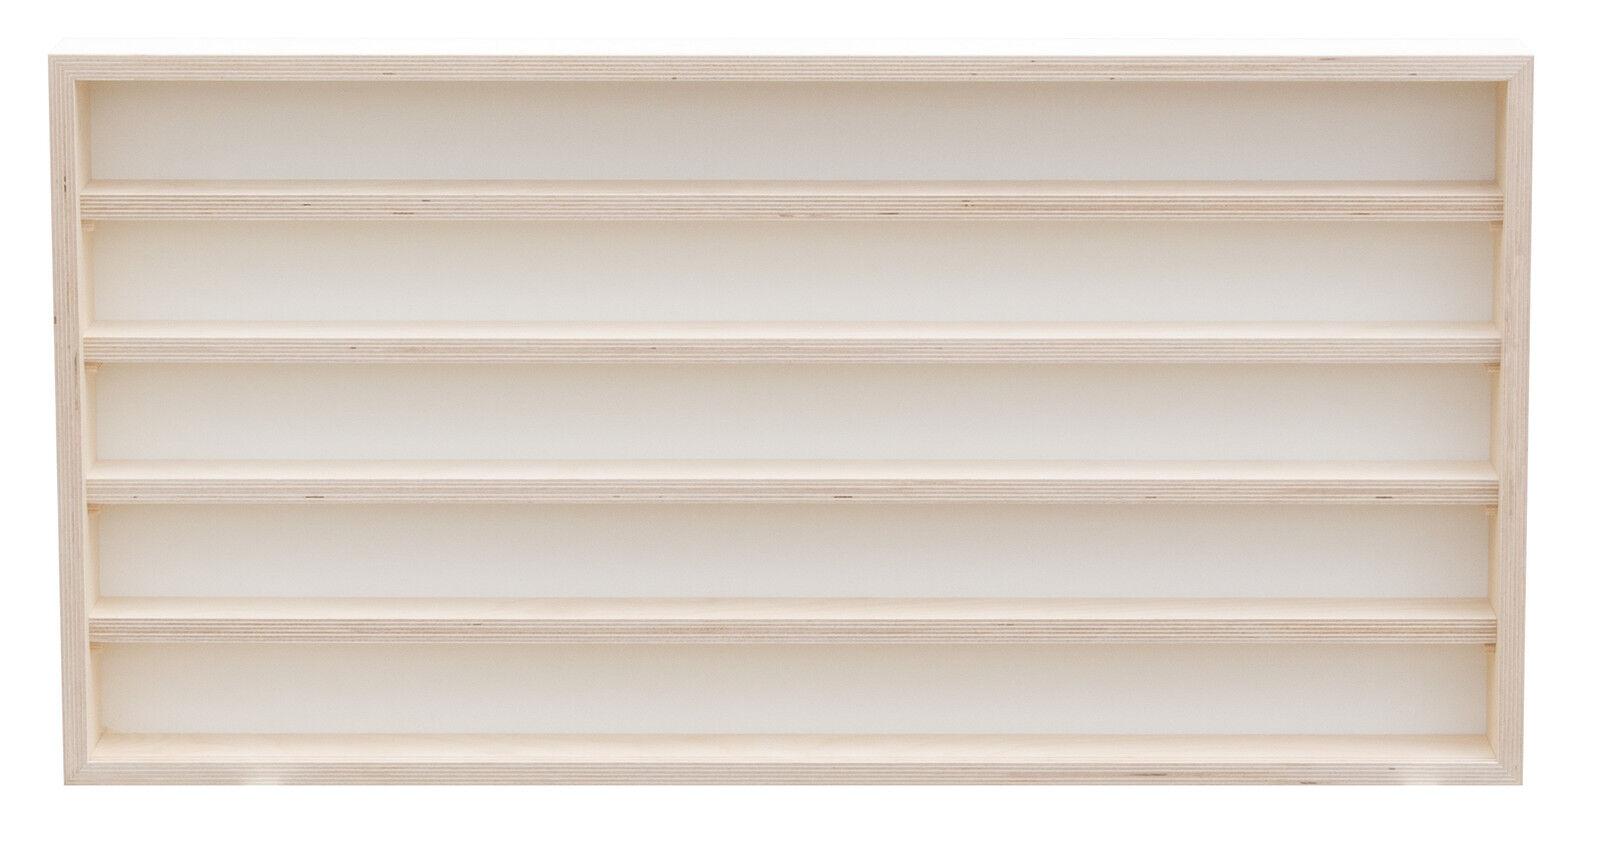 pihami sammler vitrine 5he spur h0 n m rklin regal 70 cm birke natur eur 77 99 picclick de. Black Bedroom Furniture Sets. Home Design Ideas